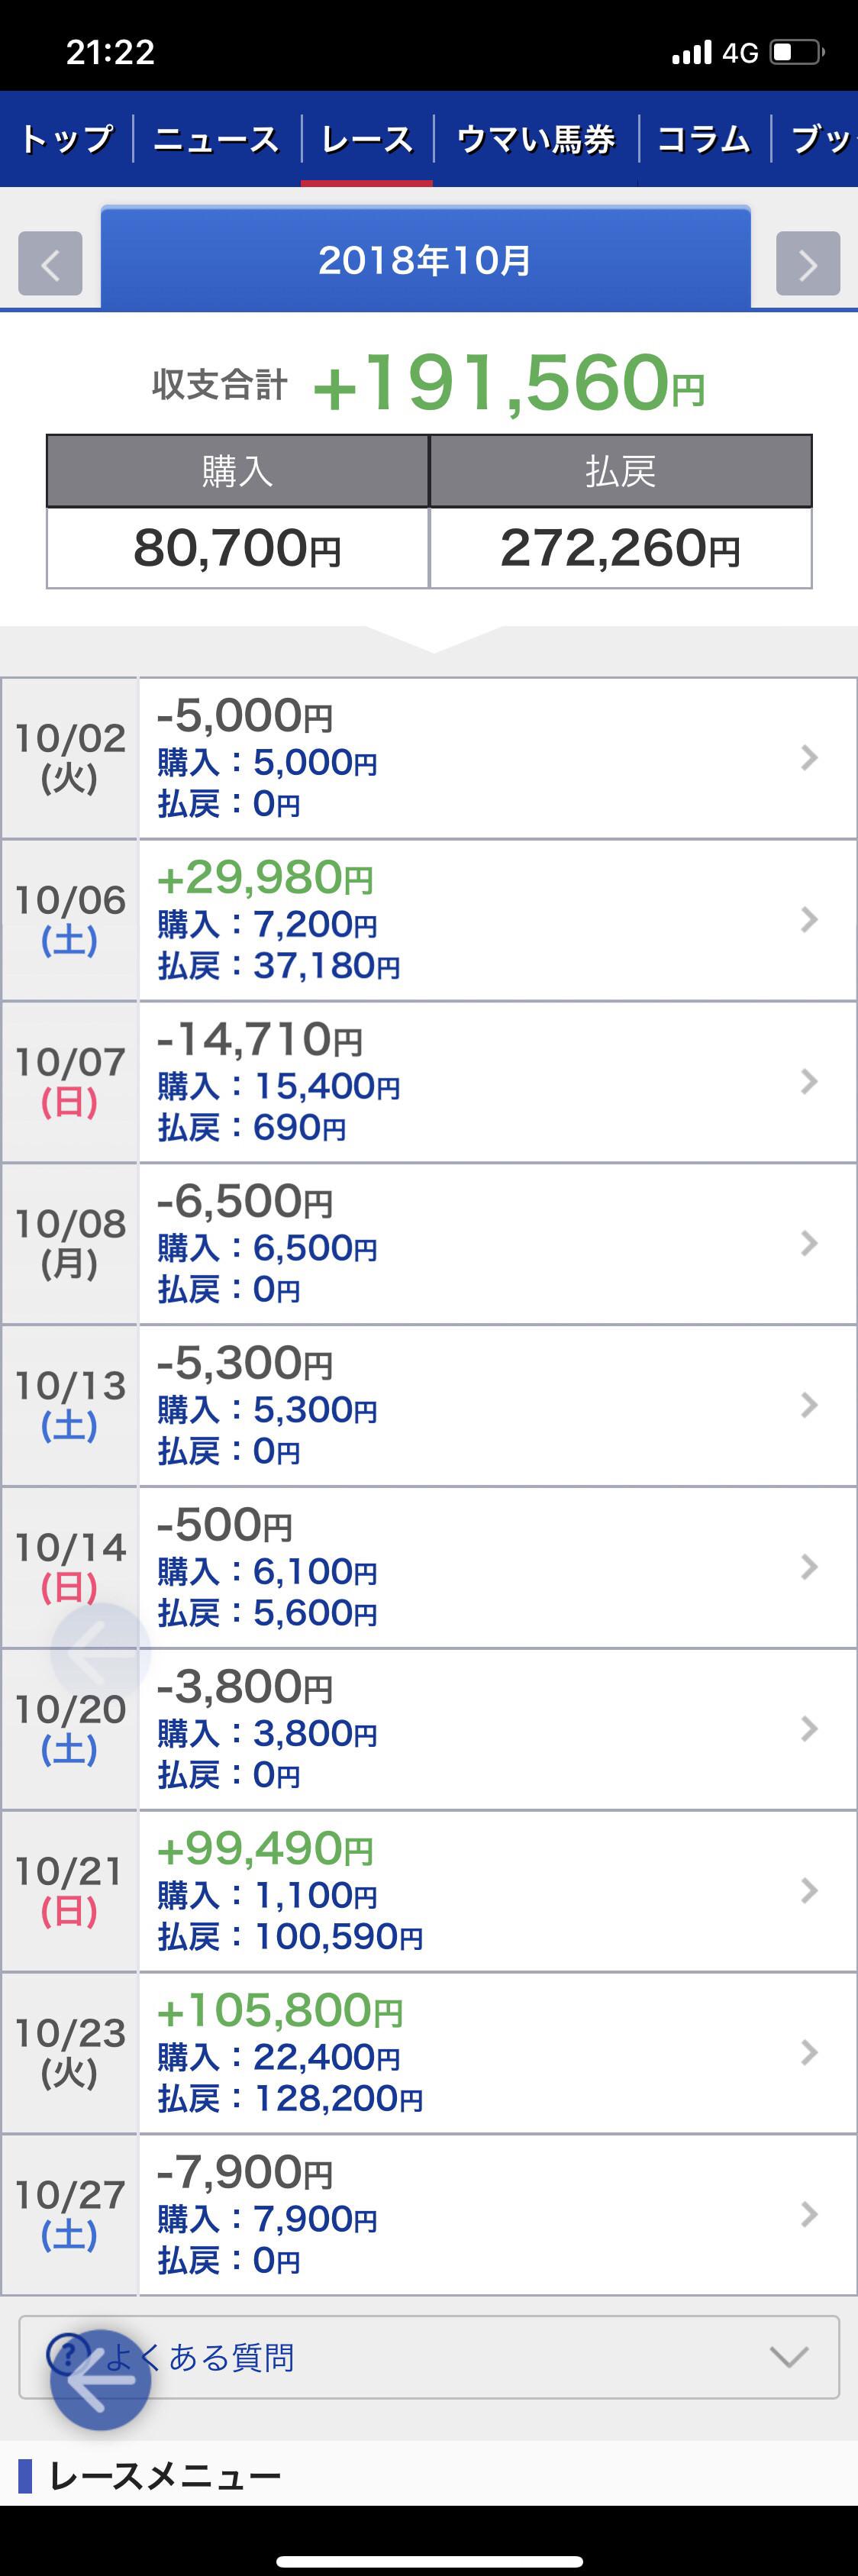 払い戻し 結果 京都 競馬 2020年10月24日京都競馬場の結果・払い戻し